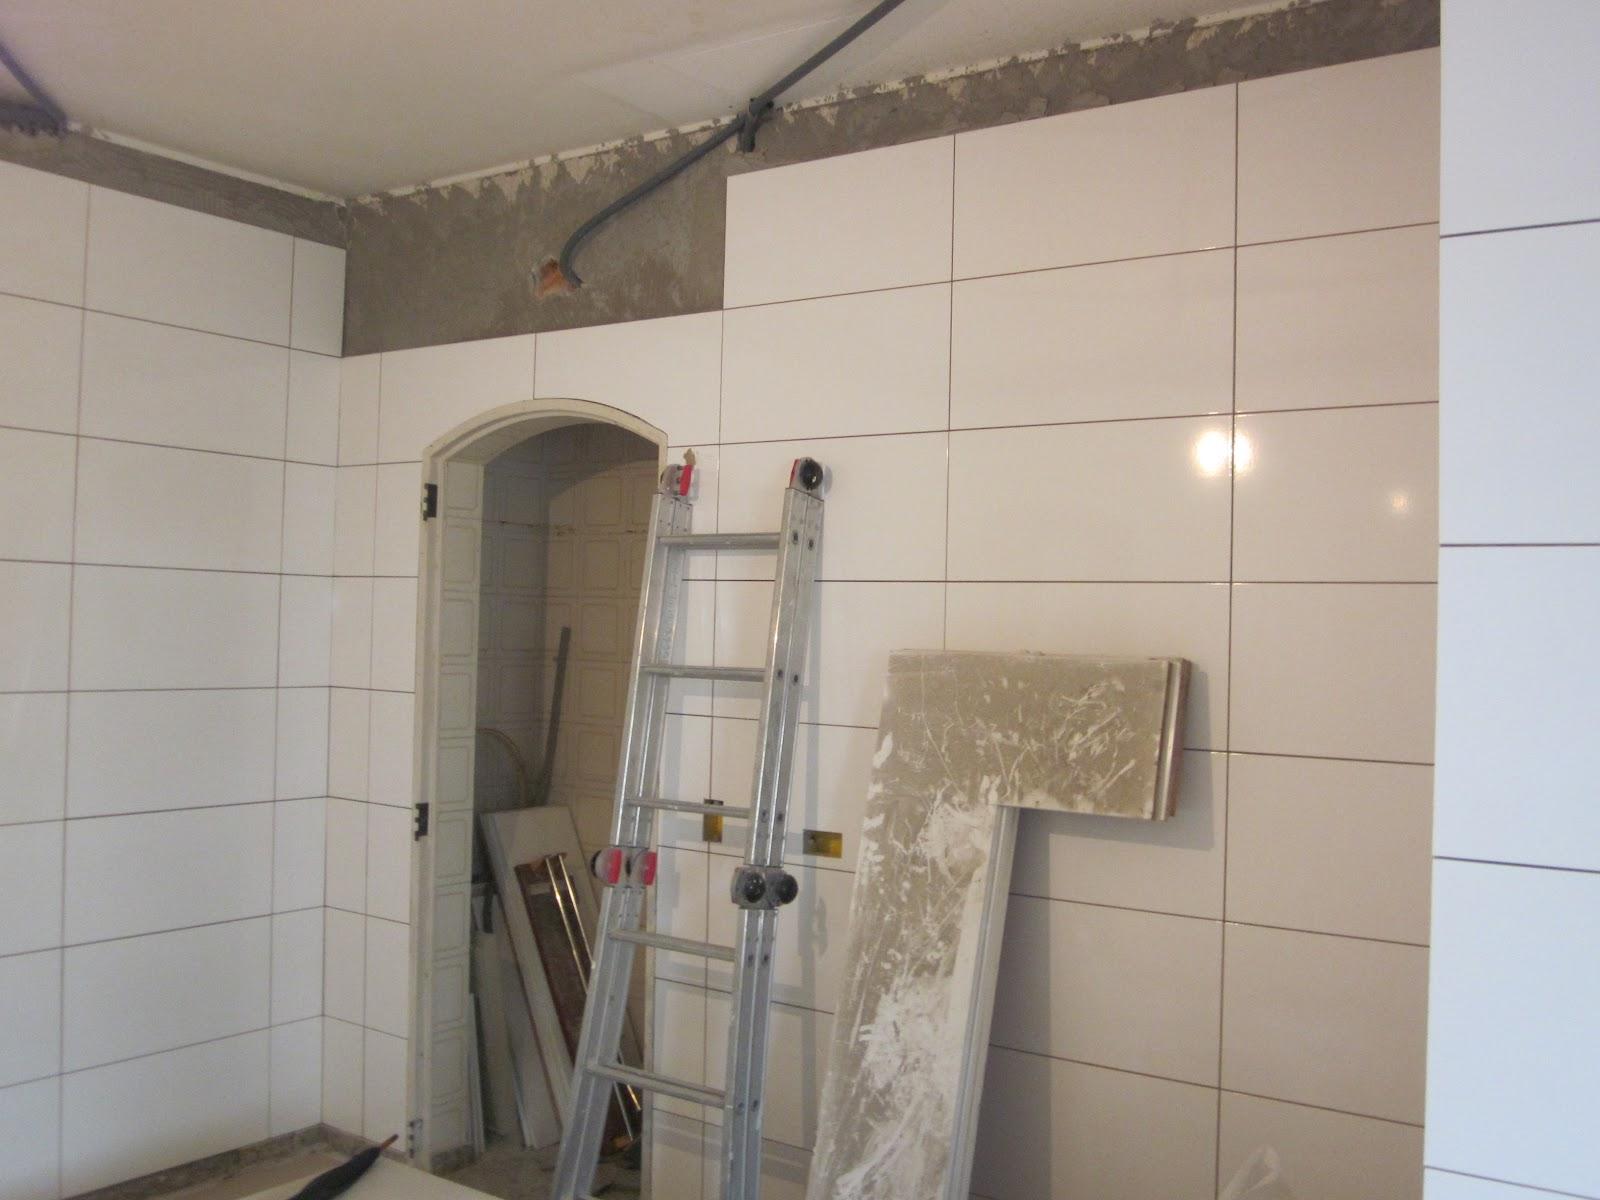 Azulejo Para Banheiro 2 HD Walls Find Wallpapers #776654 1600x1200 Banheiro Com Azulejo Ate A Metade